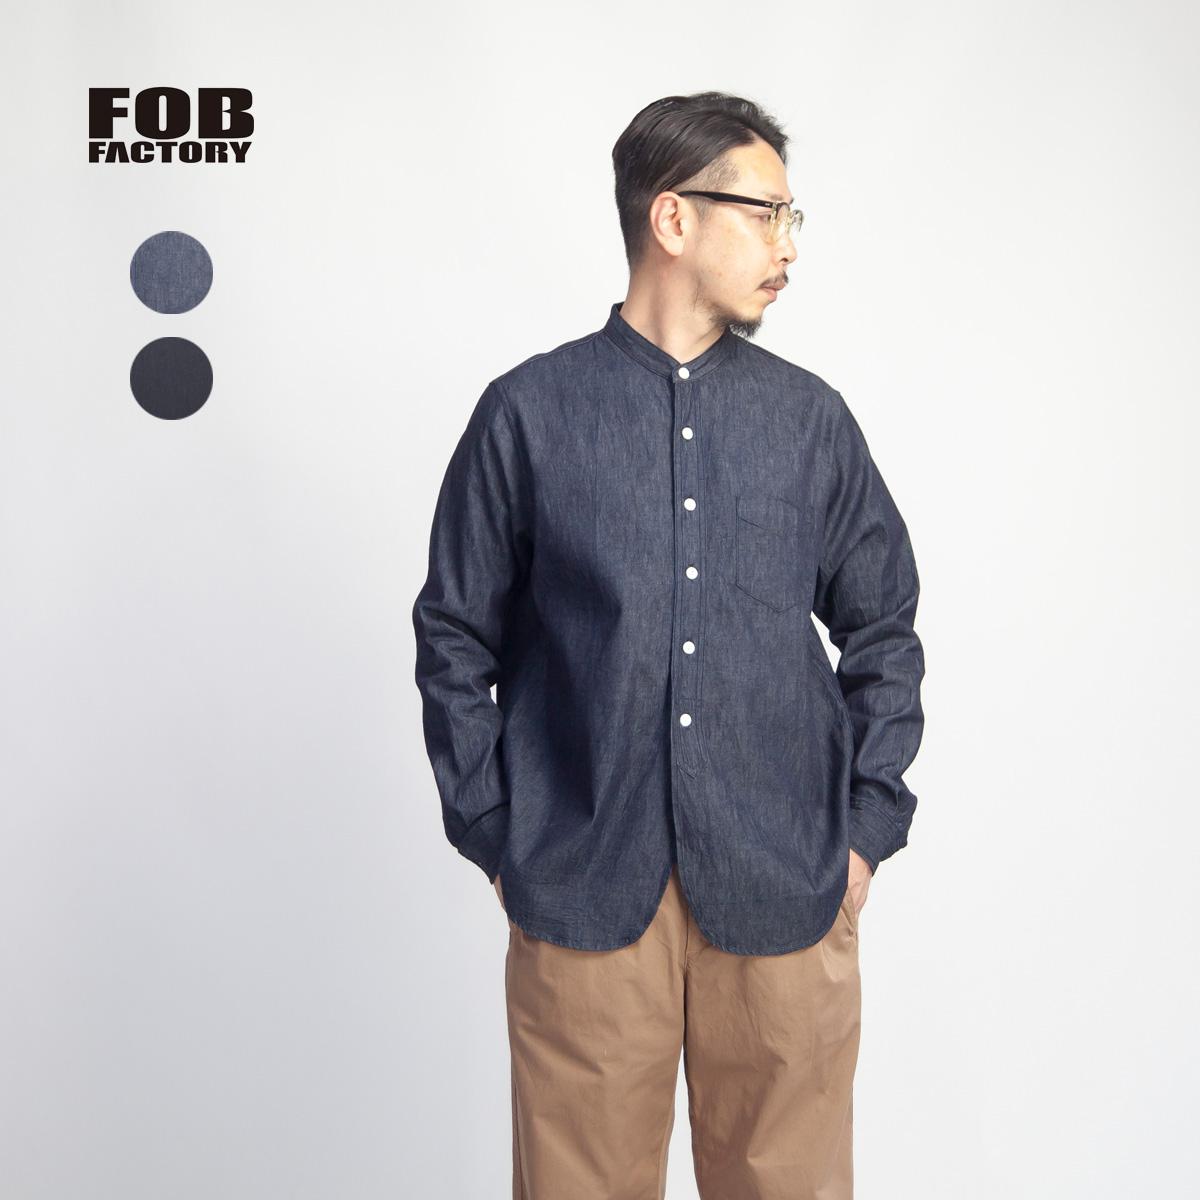 FOB FACTORY FOBファクトリー デニムバンドカラーシャツ 日本製 メンズ